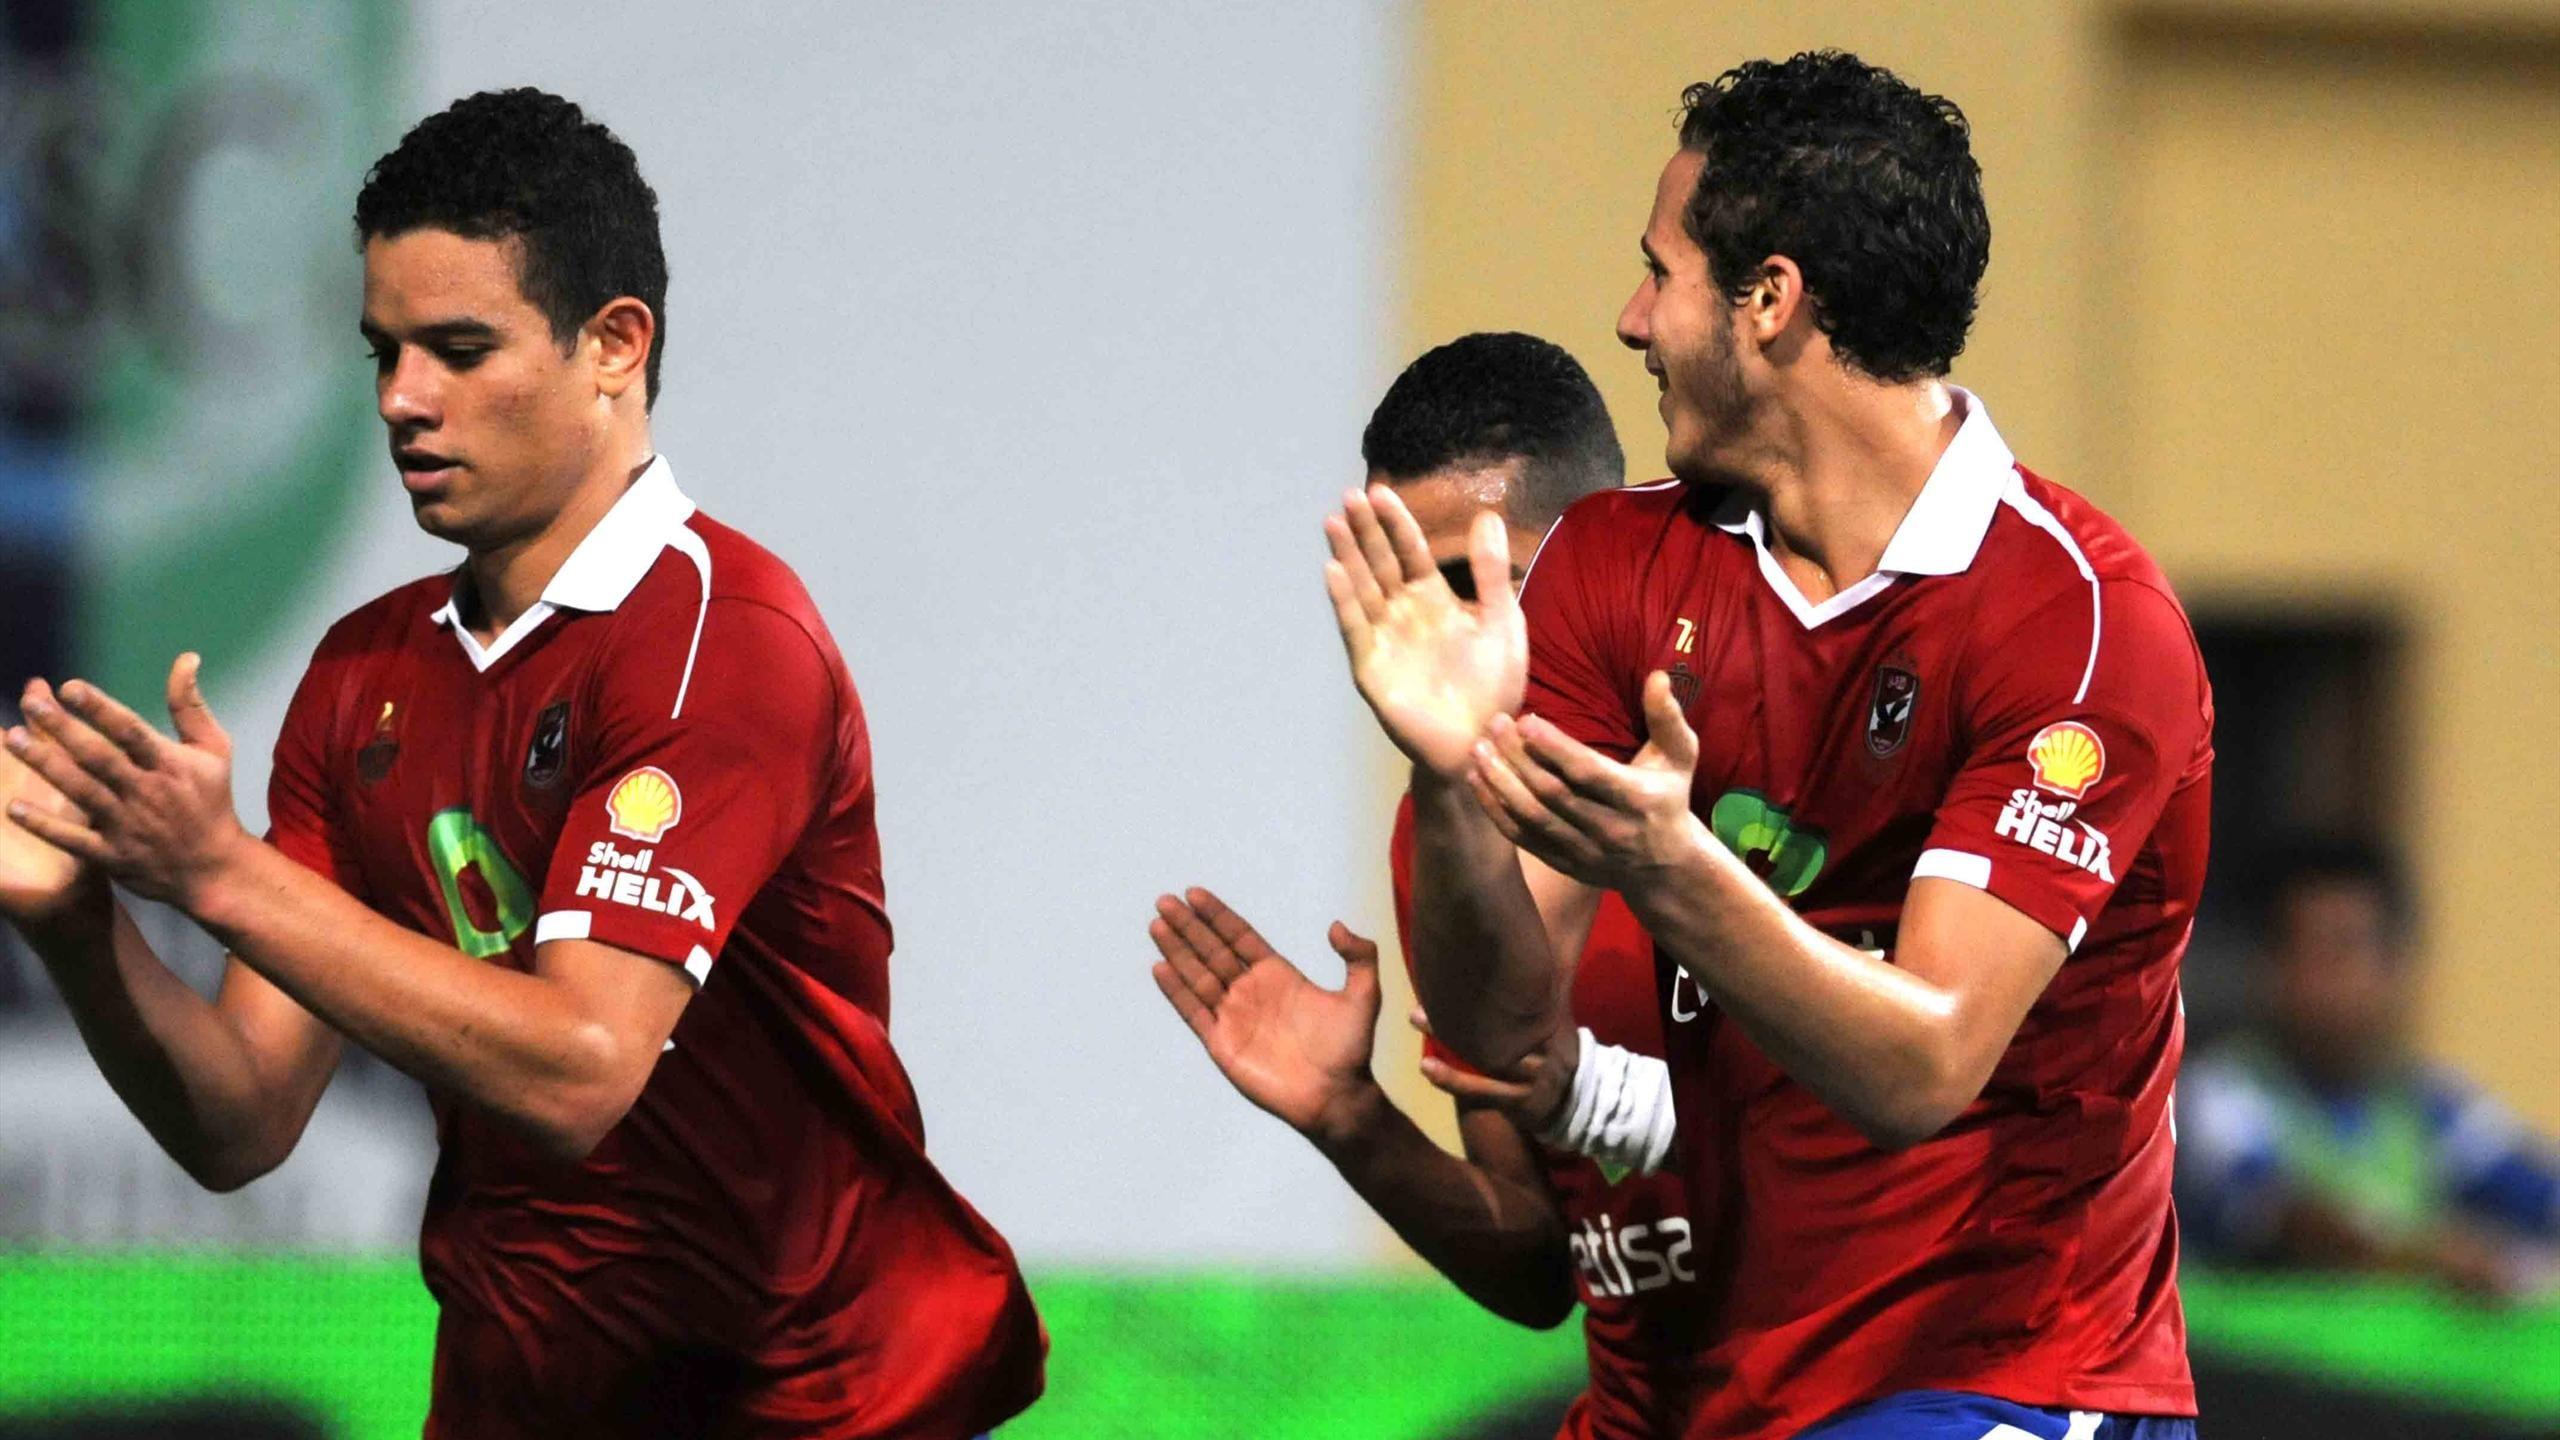 موعد مباراة الاهلي والوداد المغربي اليوم